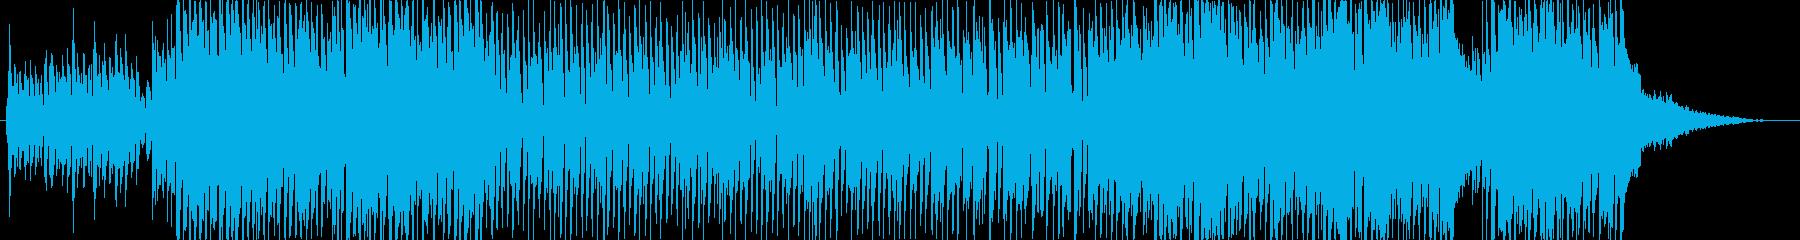 明るくアップテンポなクリスマスBGMの再生済みの波形